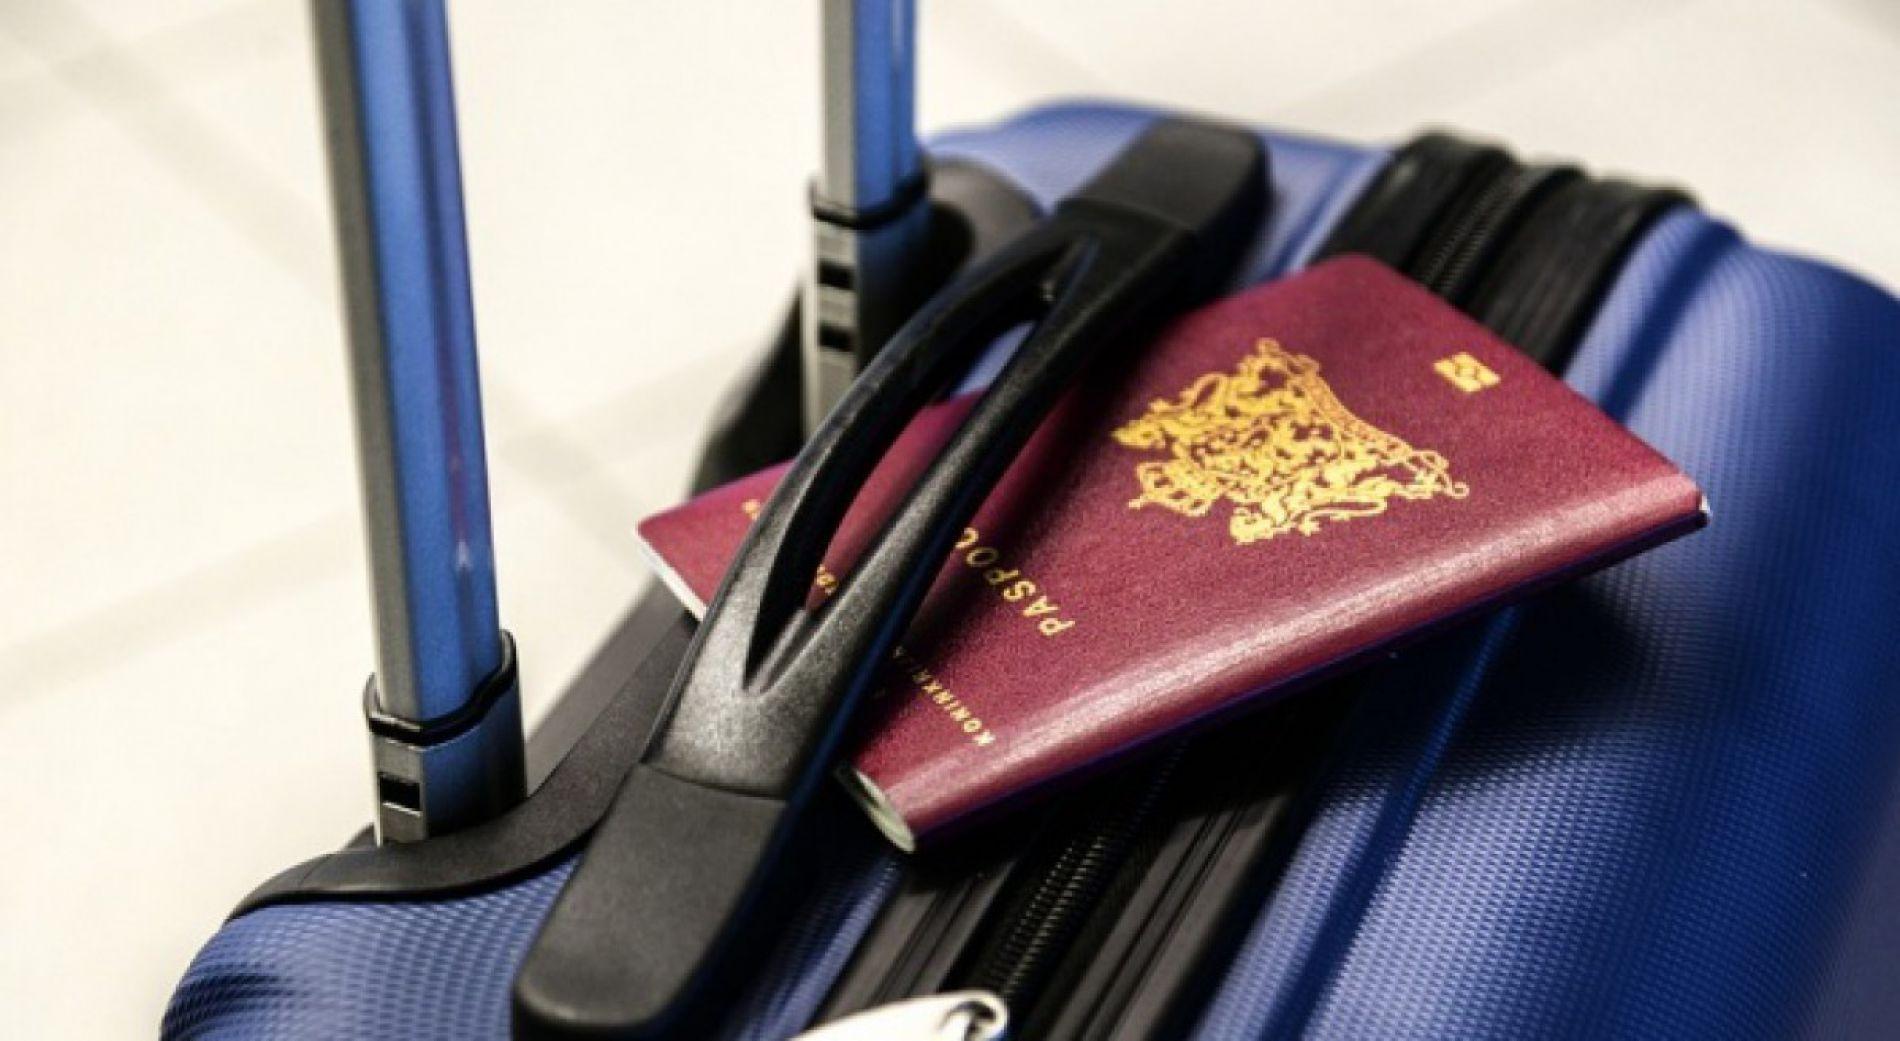 Българи с дипломатически и служебни паспорти ще пътуват без виза до Йордания